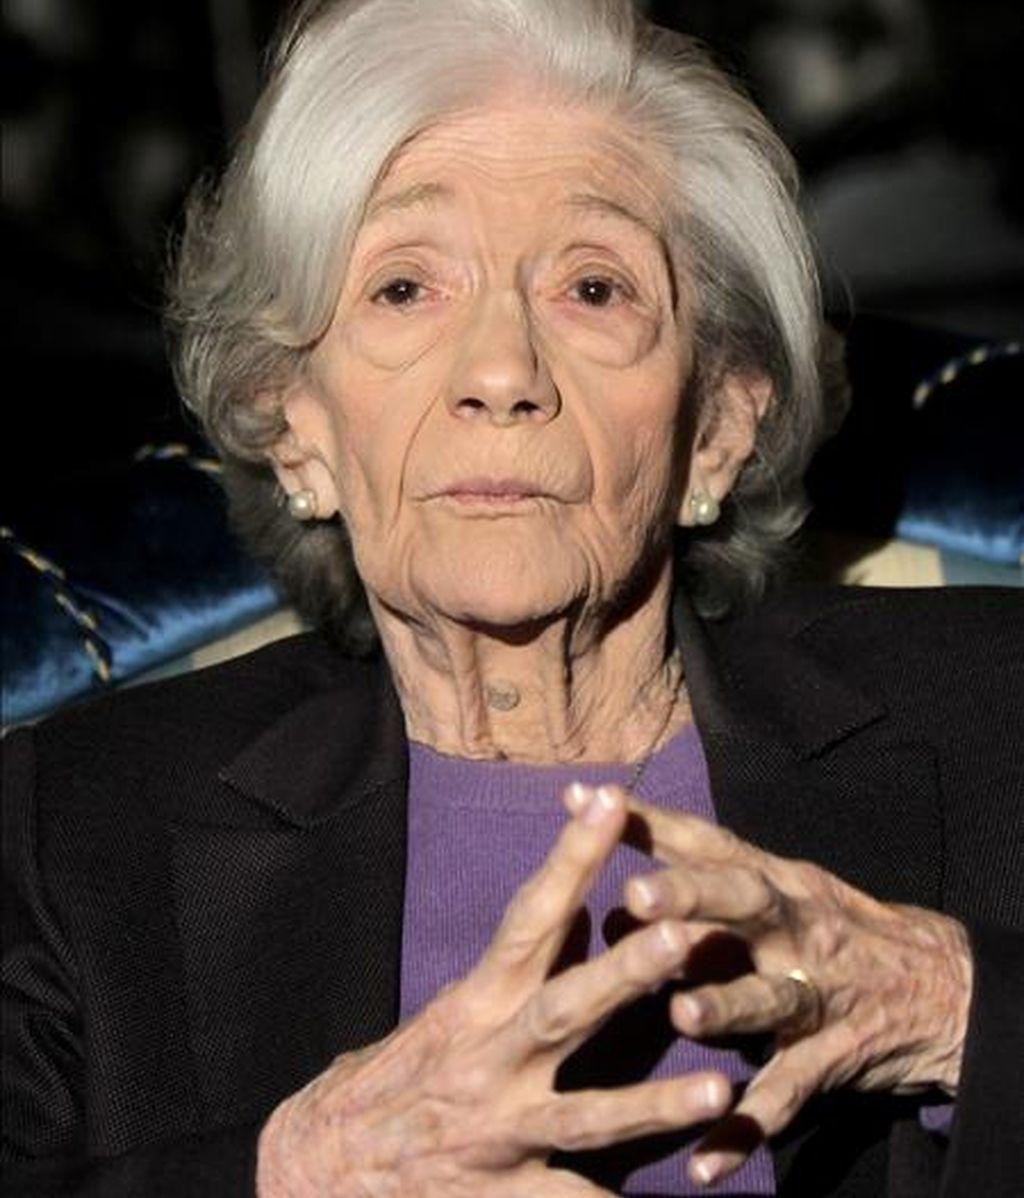 La escritora catalana Ana María Matute, de 85 años, durante la rueda de prensa celebrada ayer tarde en Barcelona tras haber sido galardonada con el Premio Cervantes 2010. EFE